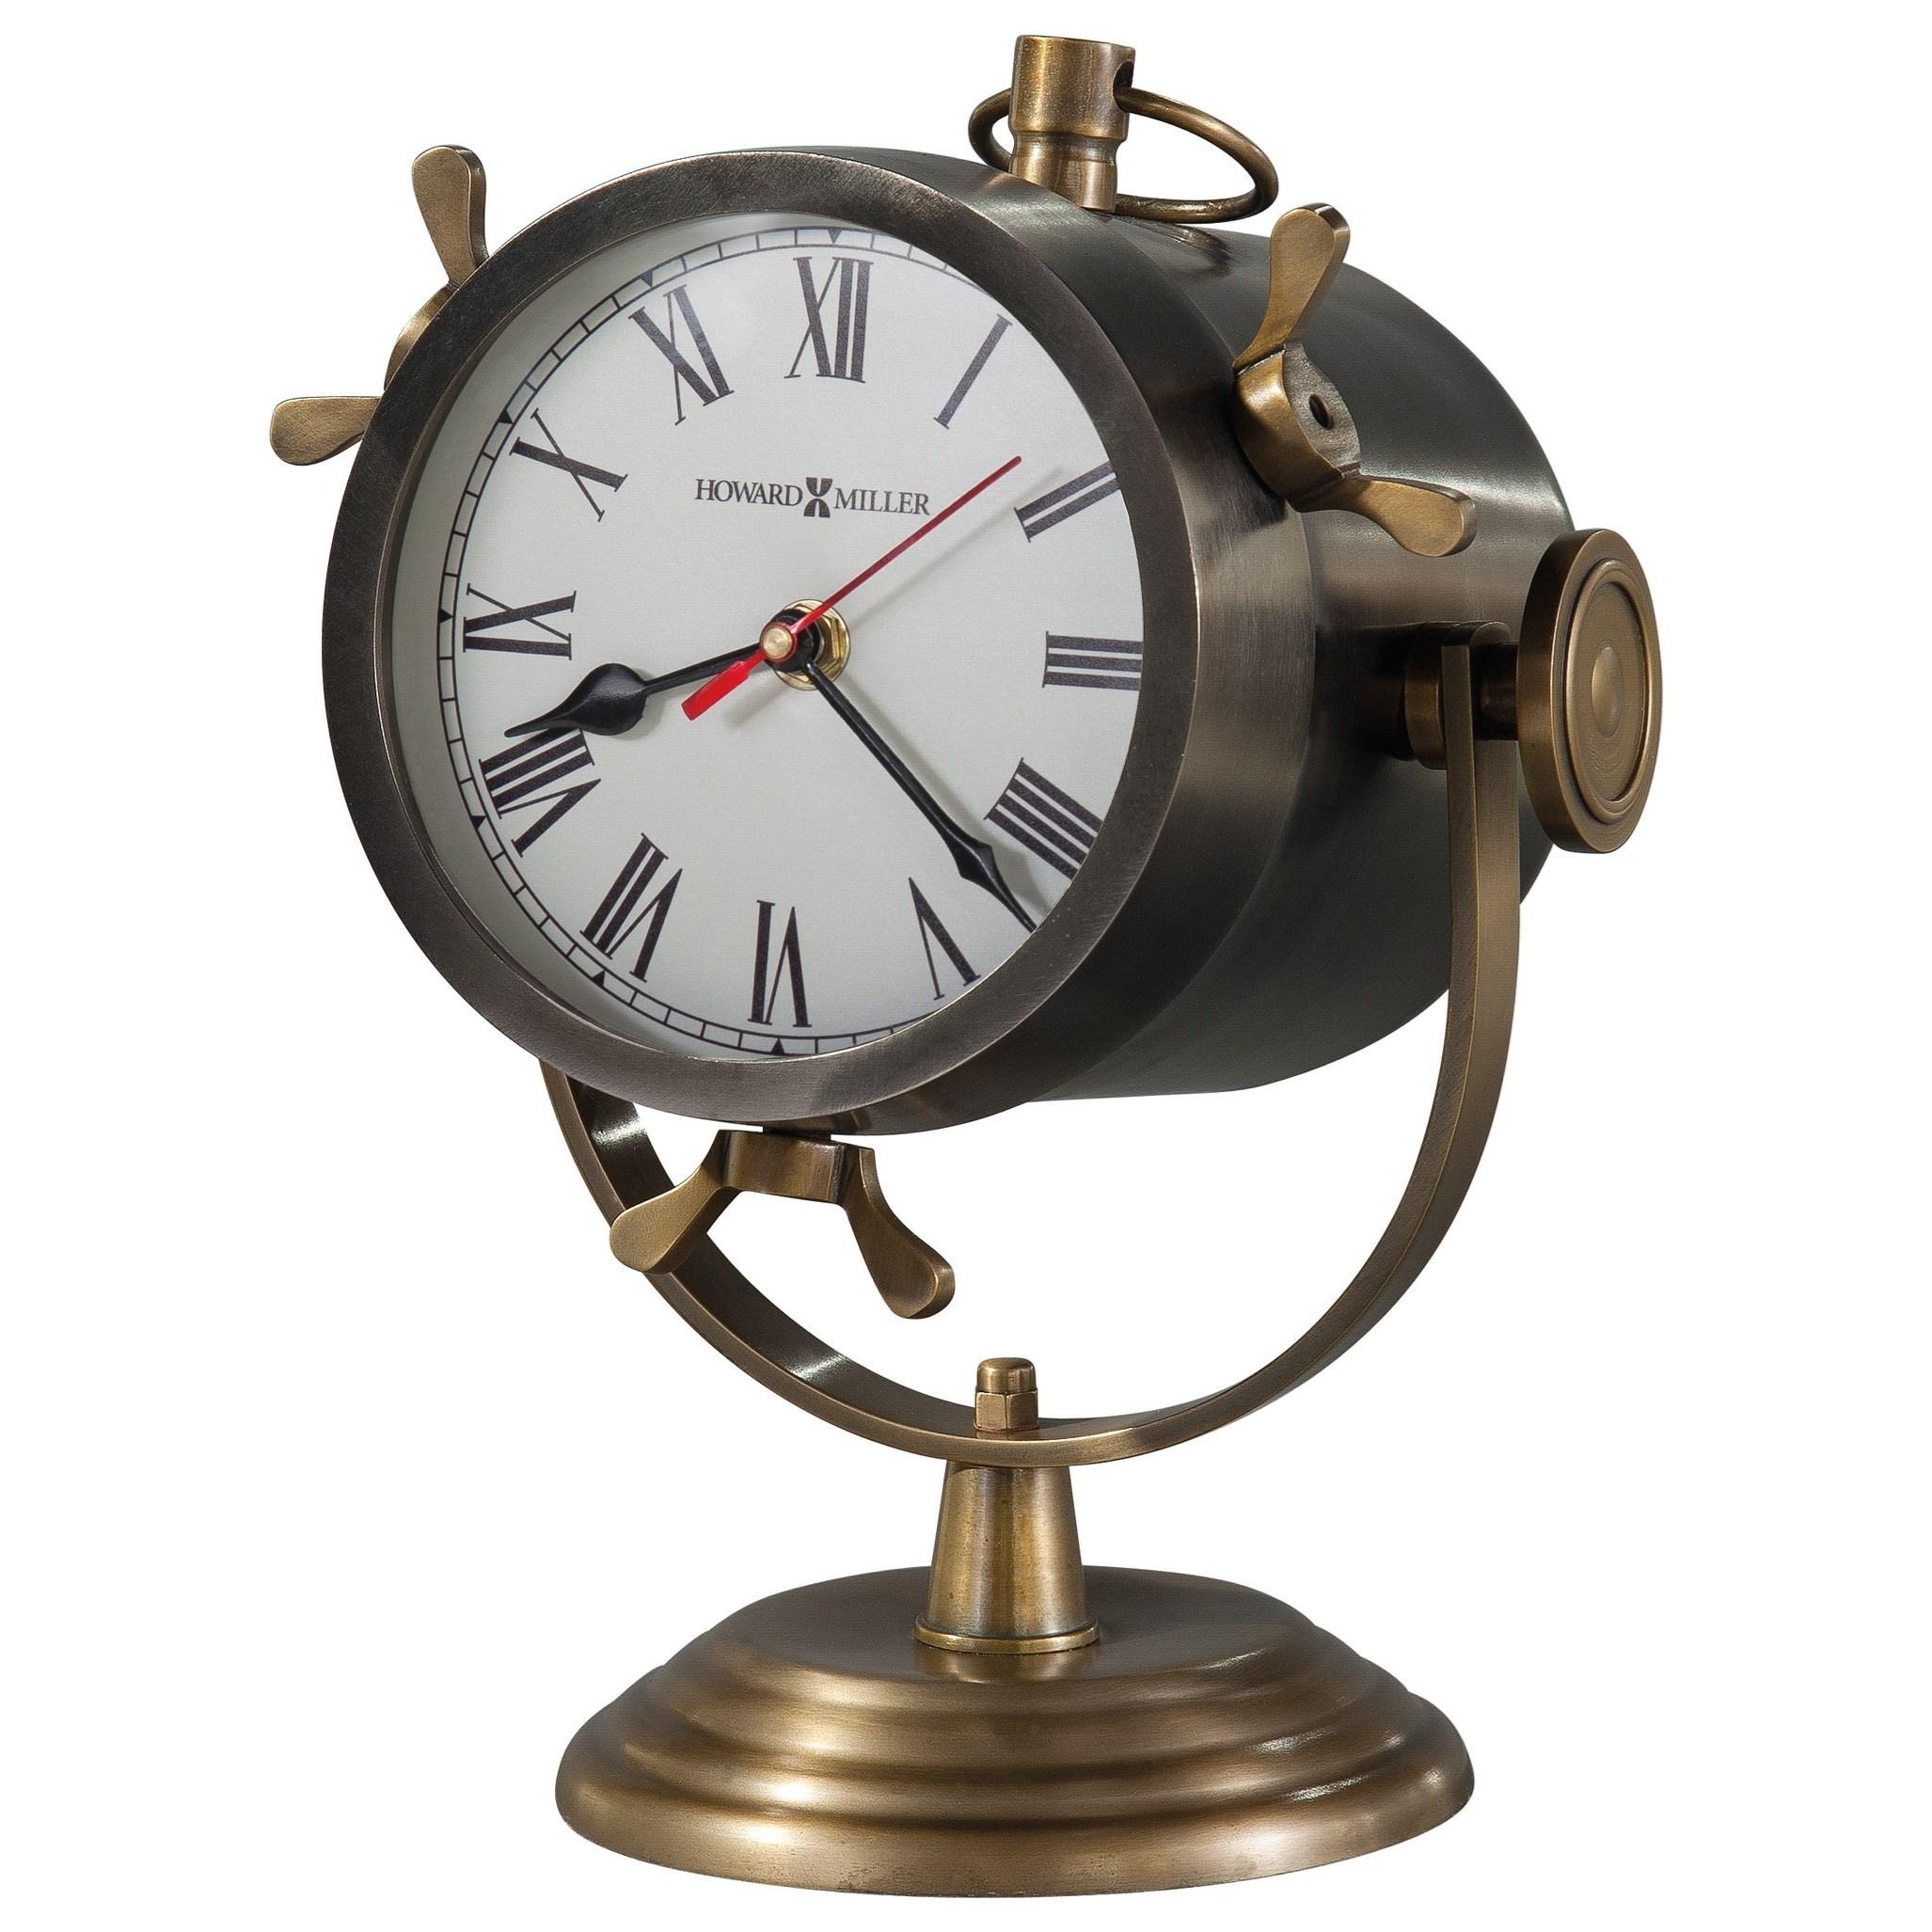 Howard Miller Table U0026 Mantel Clocks Vernazza Spotlight Mantel Clock